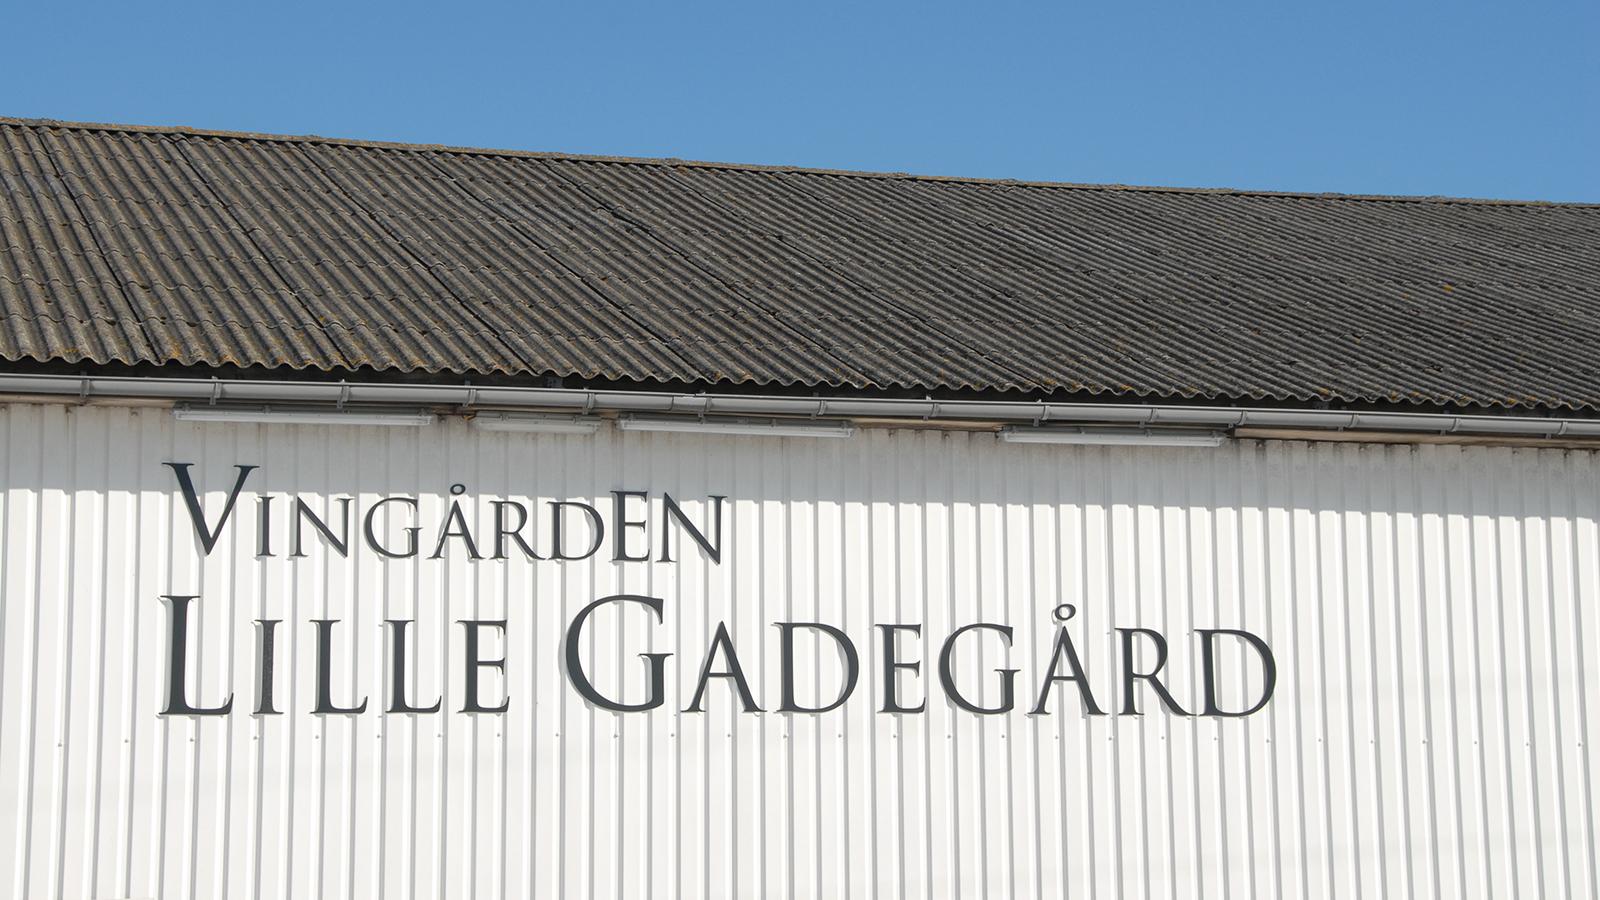 Dansk VinCenter & Co: Lille Gadegaard, Bornholms größtes Weingut. Foto: Hilke Maunder